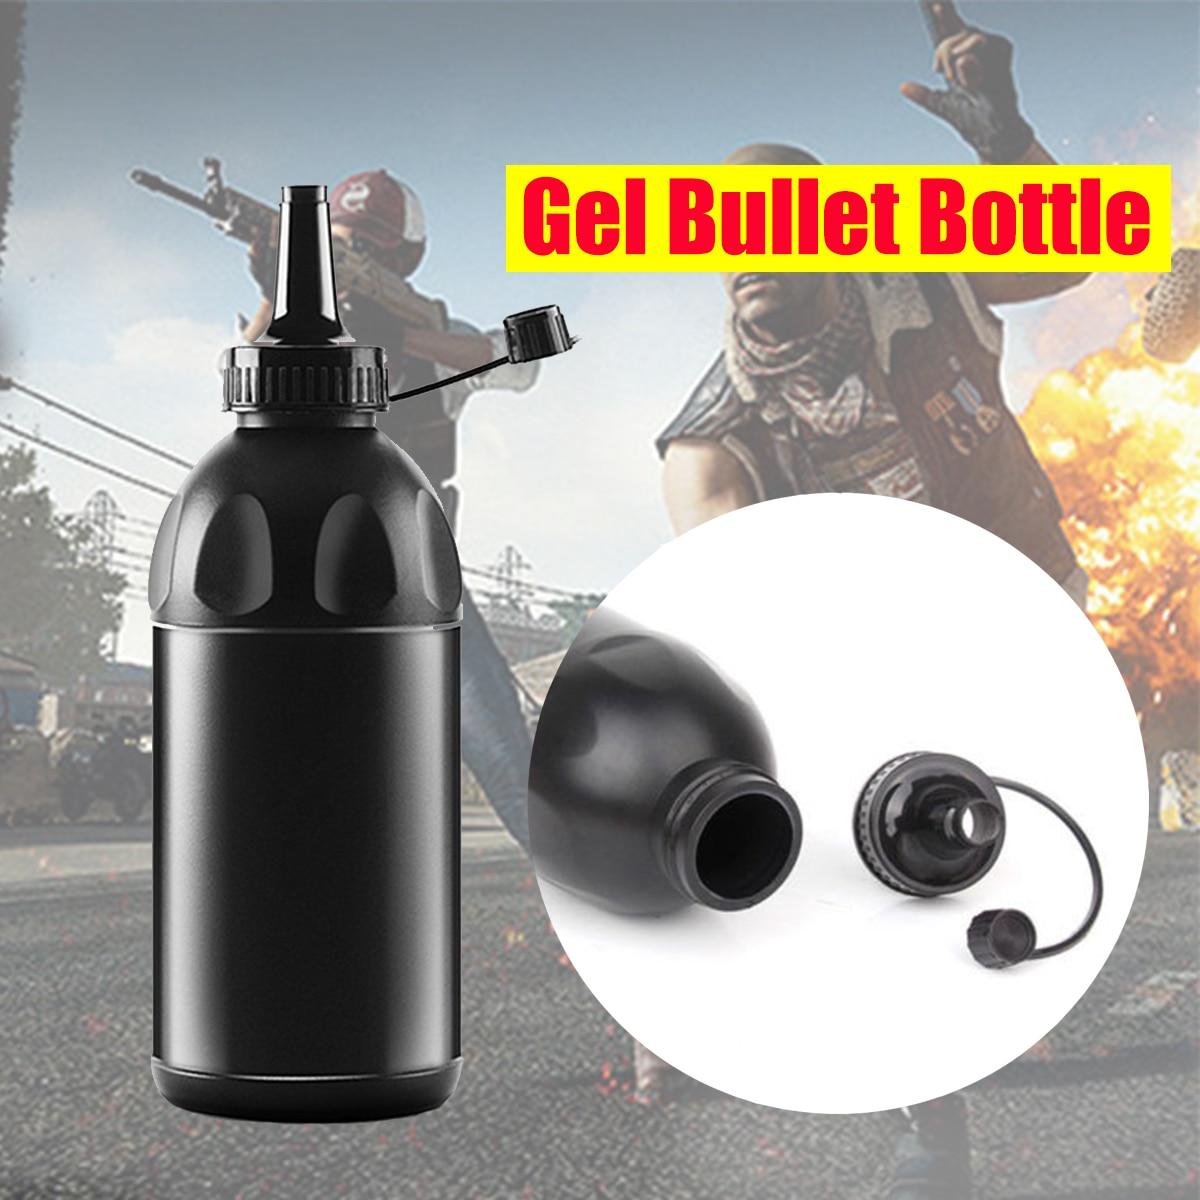 Gel Bullet Bottle Bullet Bottle For Gel Ball Electric Pistol Water Storage Bottle Toy Accessories